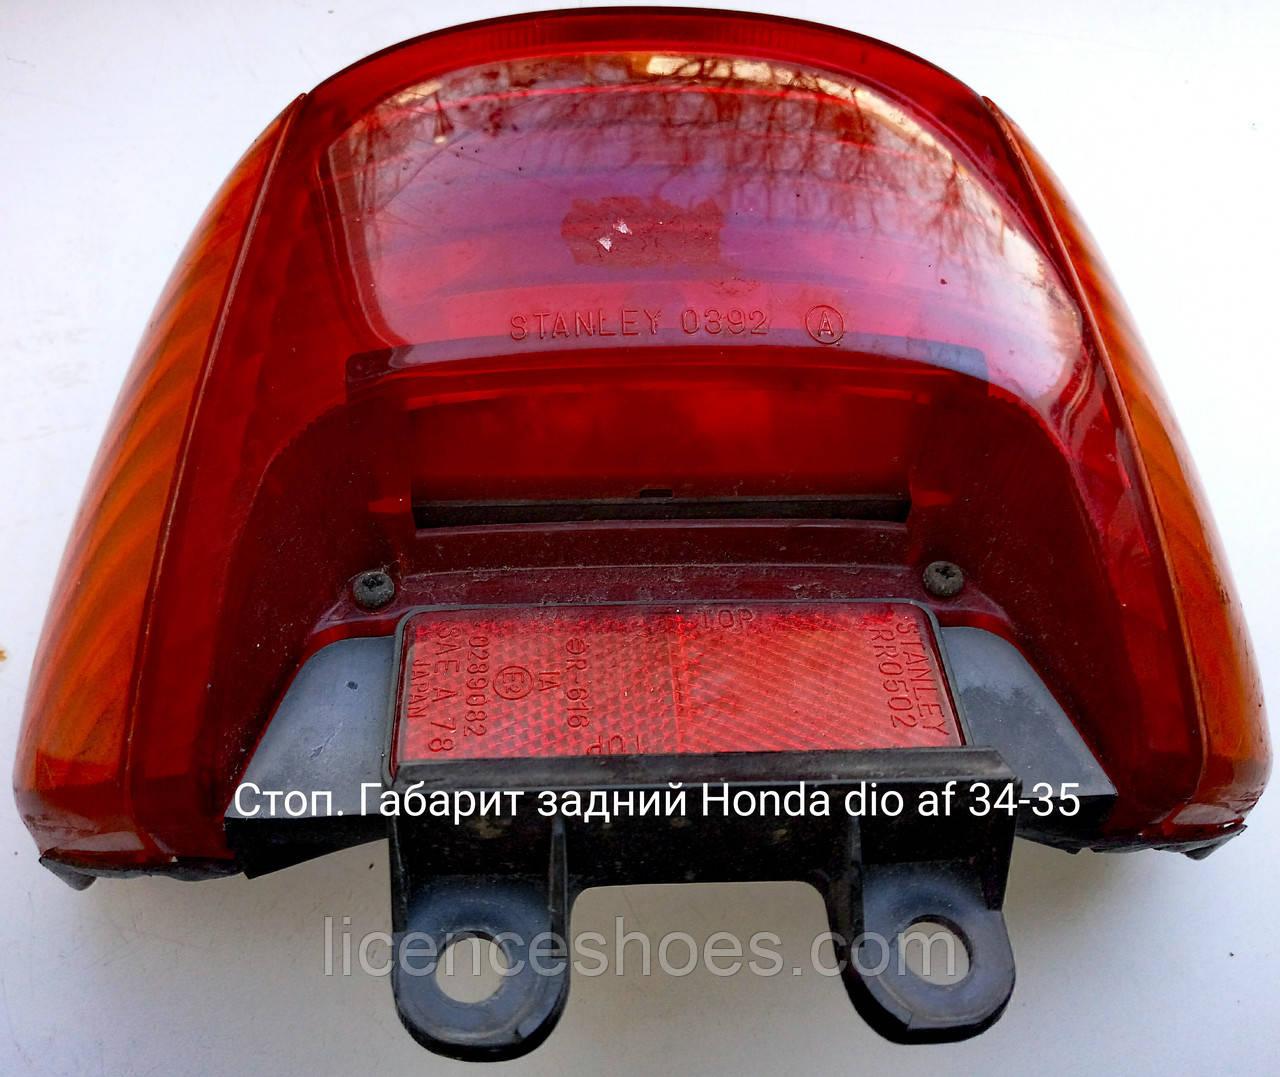 Стоп сигнал задній Габарит скутера Honda Dio Cesta Af34-35 AF28-27